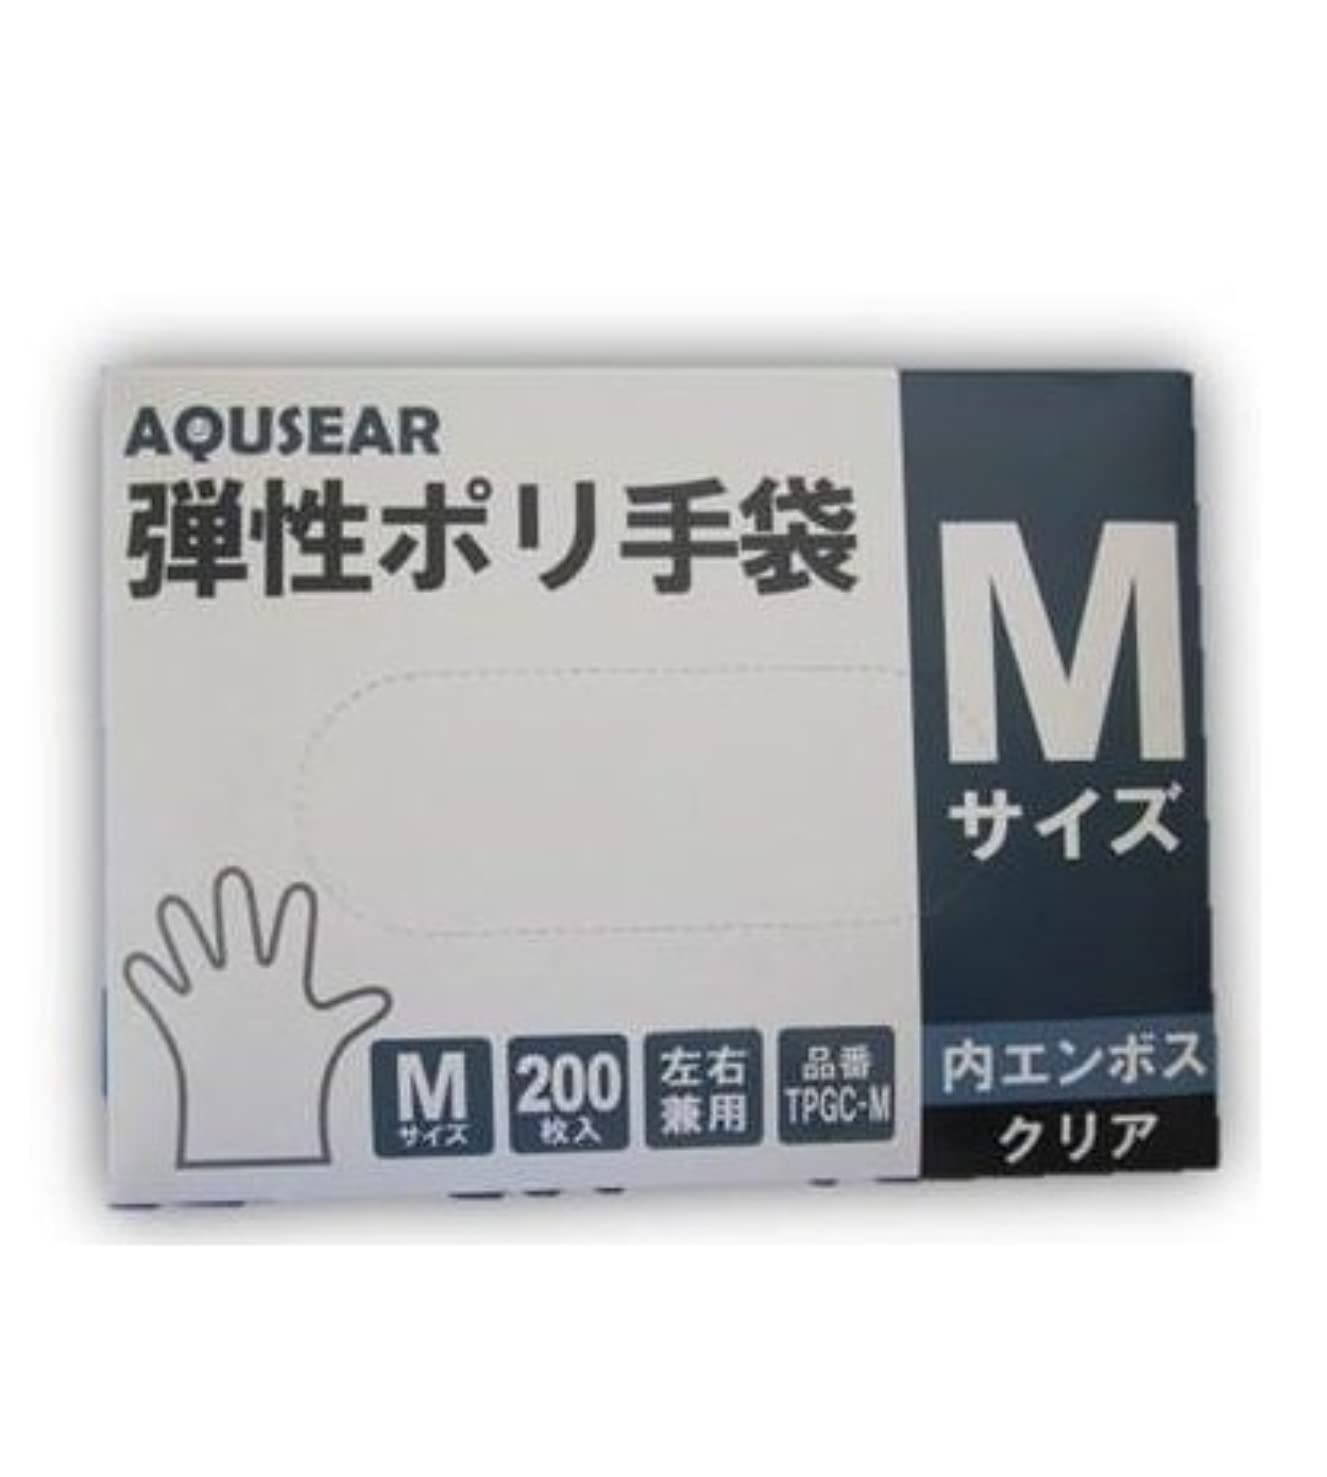 微視的スロープ媒染剤AQUSEAR 弾性ポリ手袋 内エンボス クリア Mサイズ TPGC-M 200枚箱入